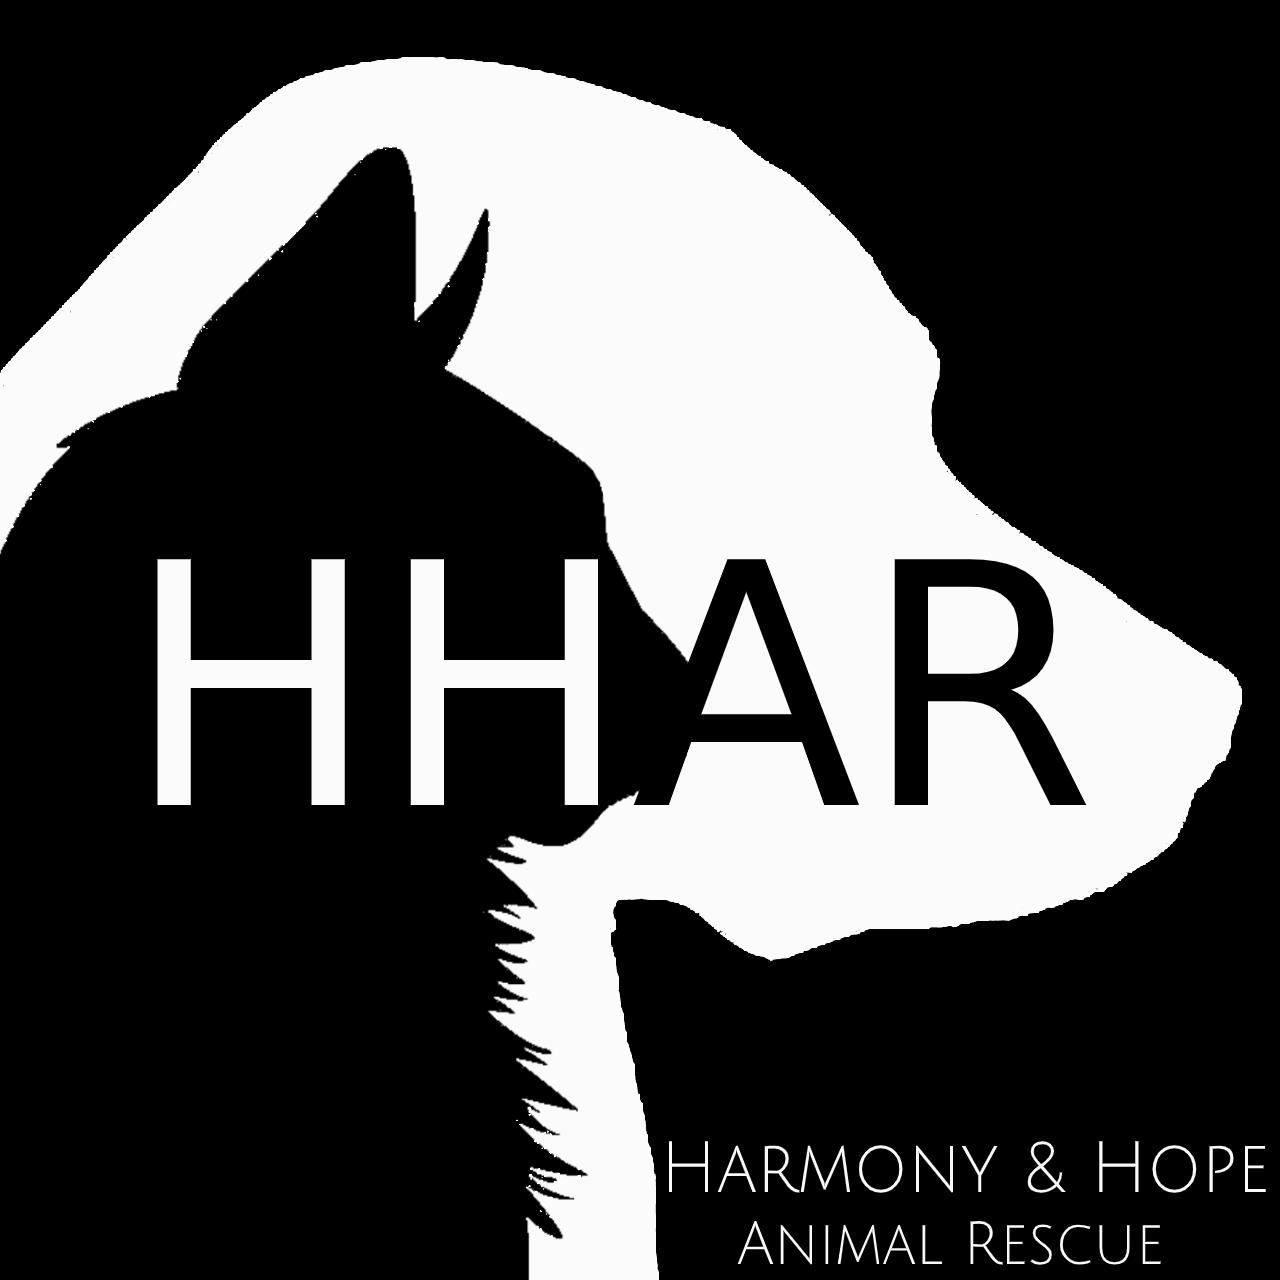 Harmony & Hope Animal Rescue